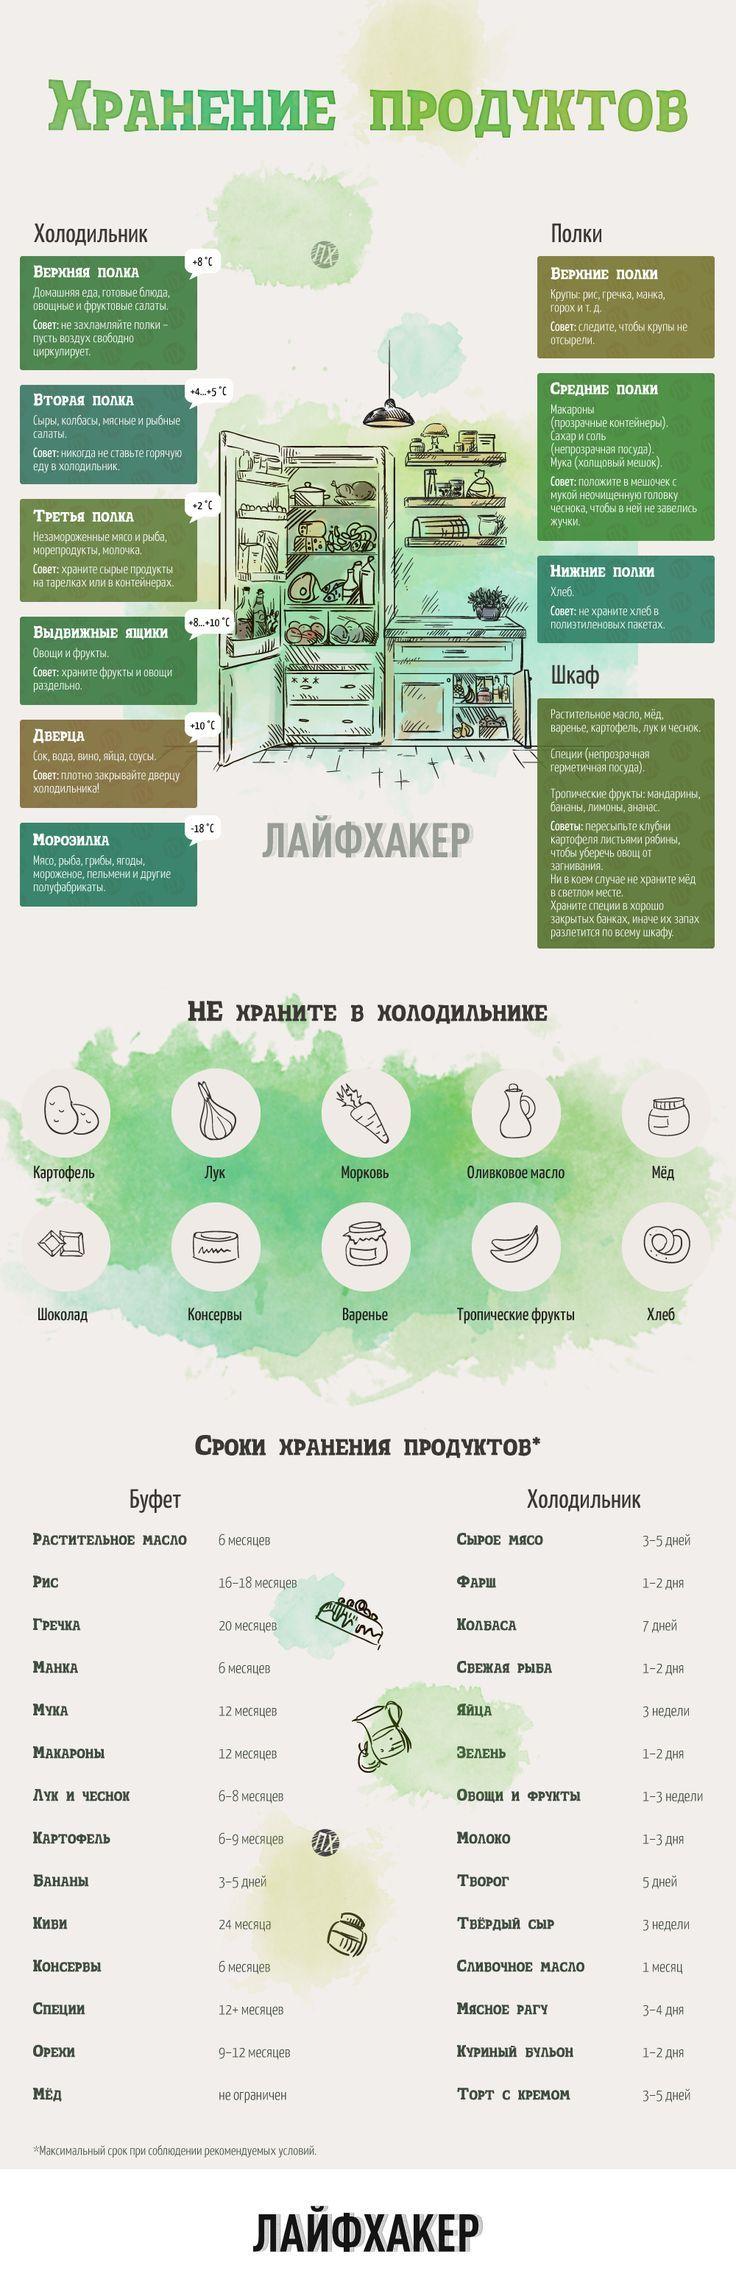 Как хранить продукты: сроки и температура: